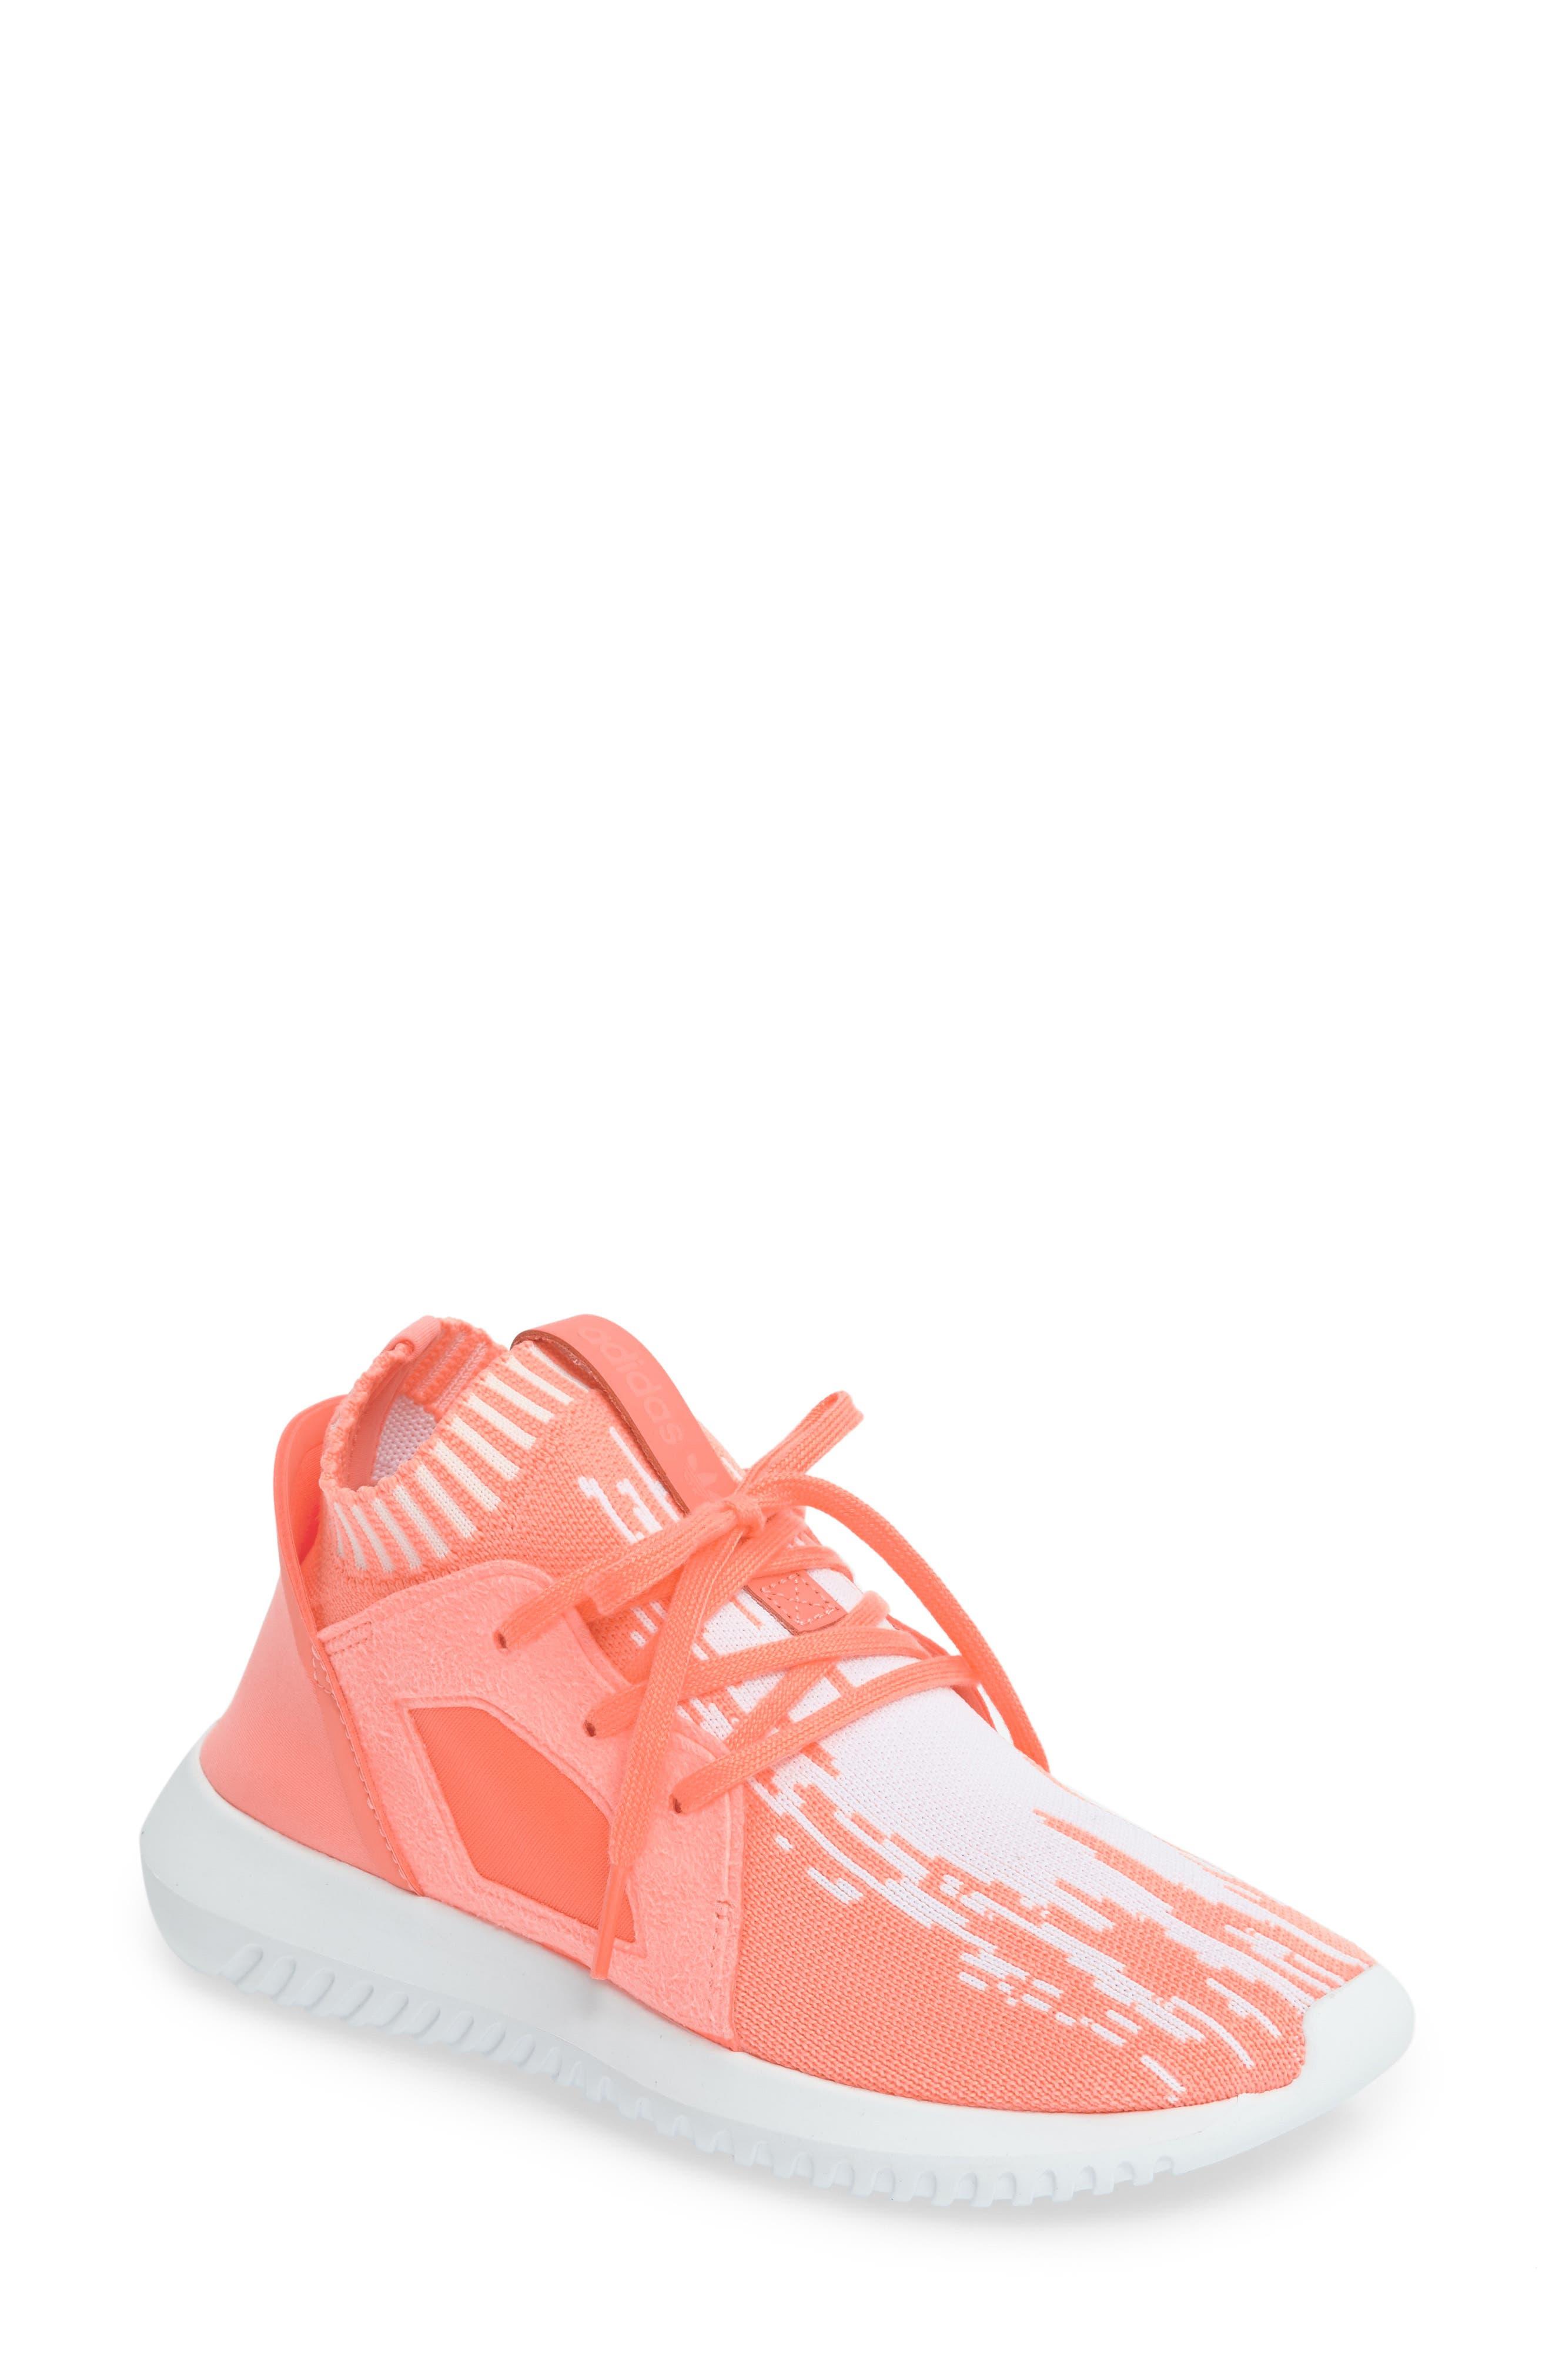 ADIDAS Tubular Defian' Sneaker